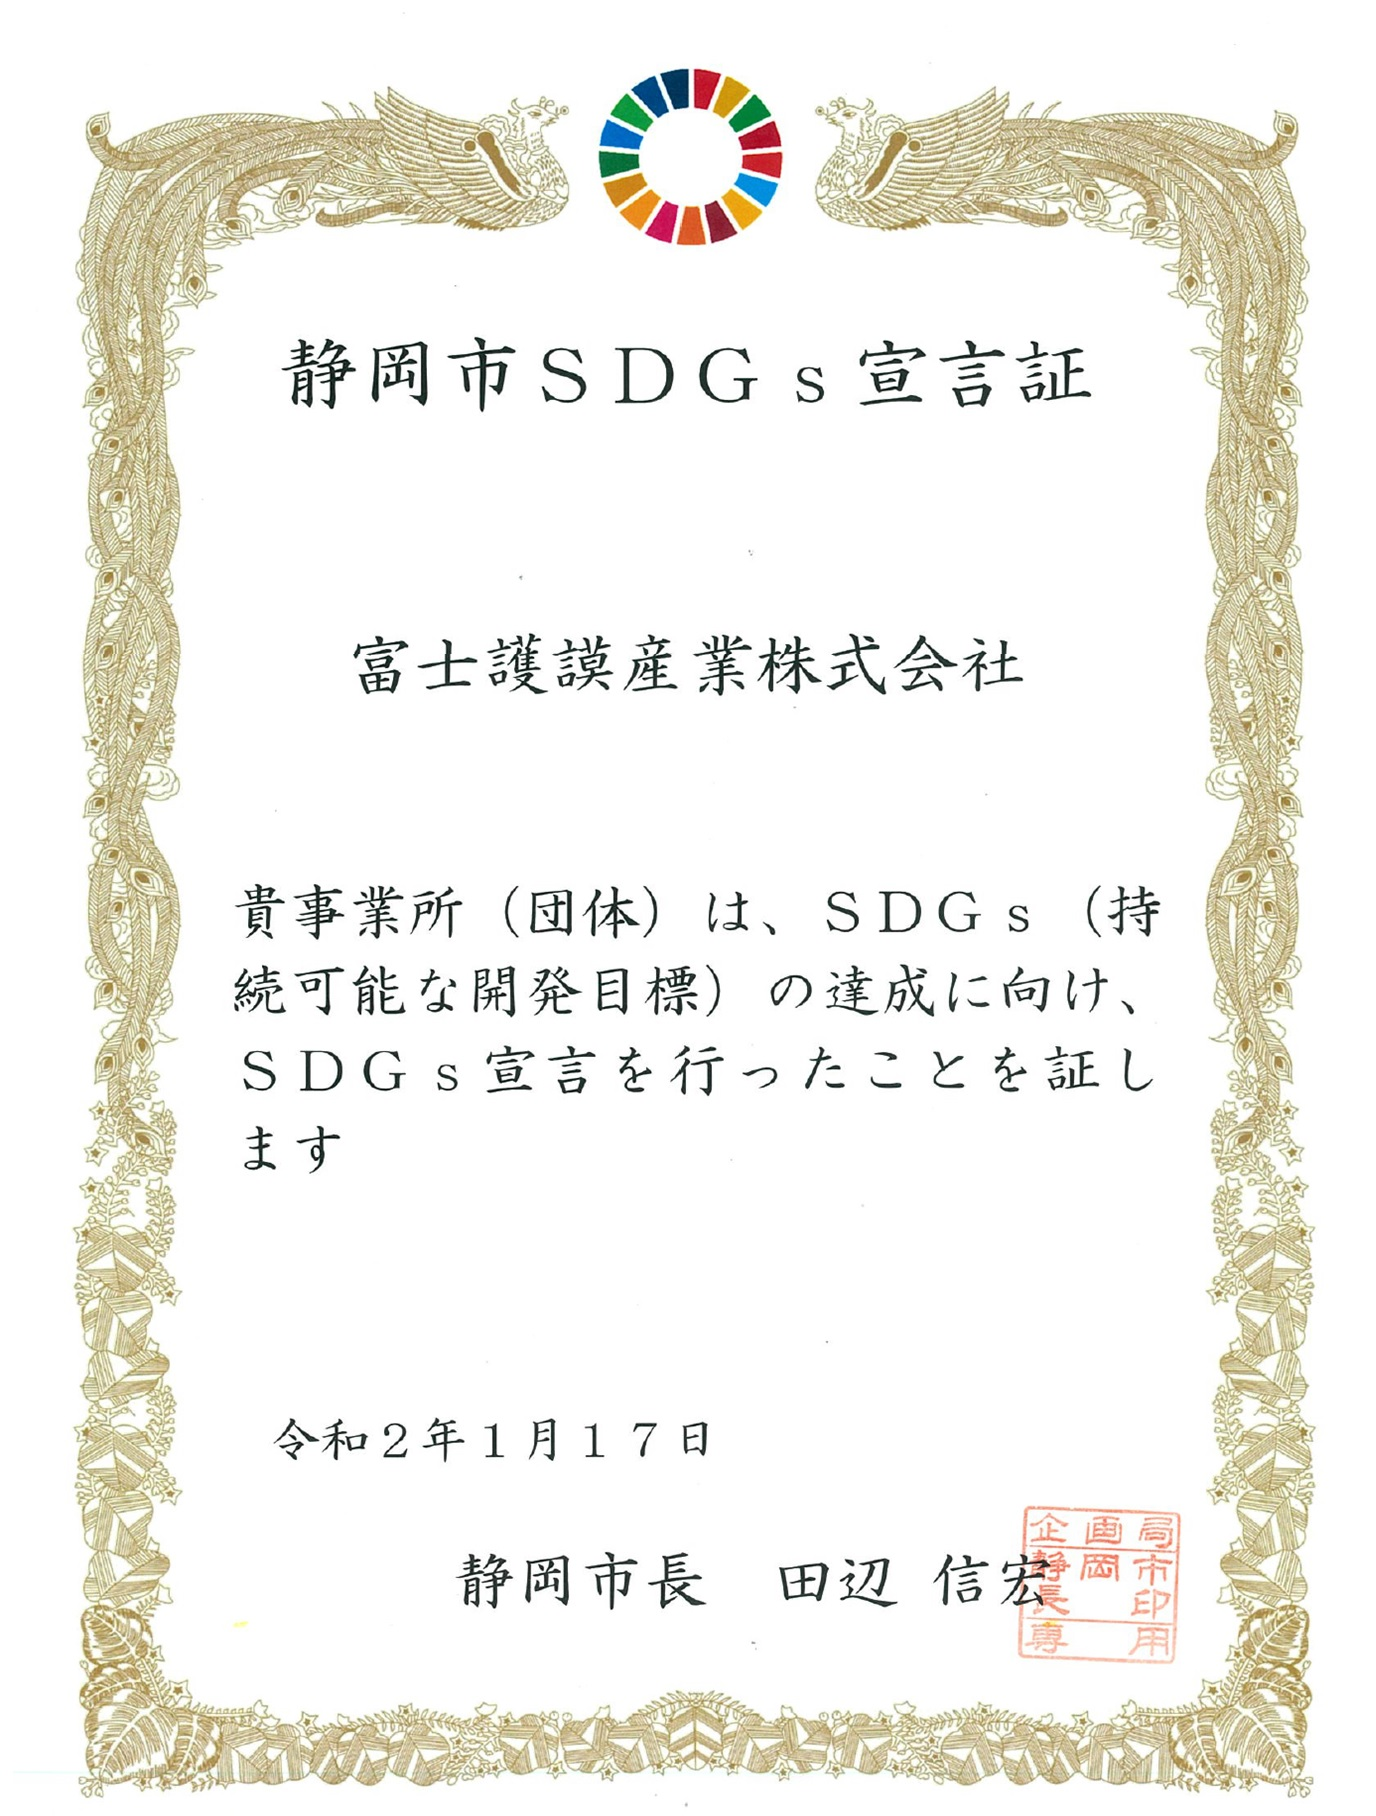 静岡市SDGs宣言証.jpg